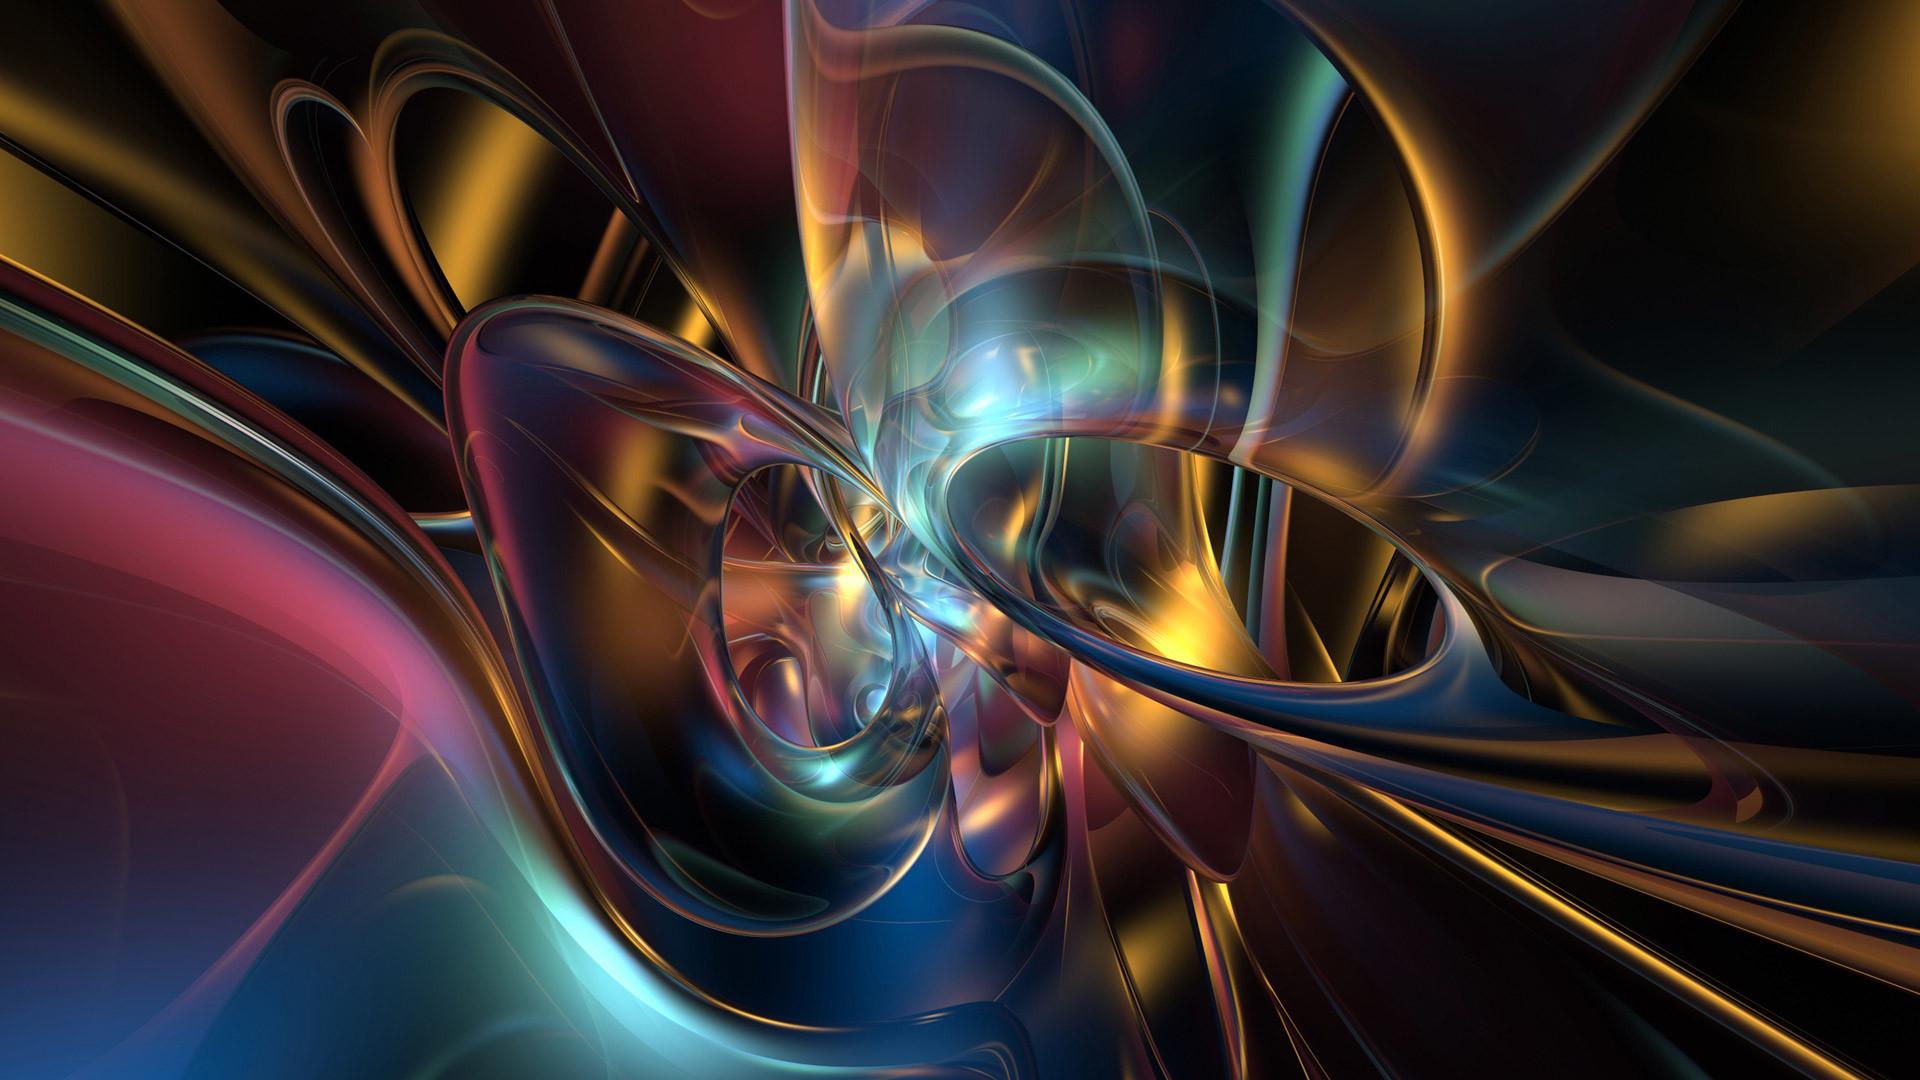 3D Abstract Screensavers 28 Widescreen Wallpaper